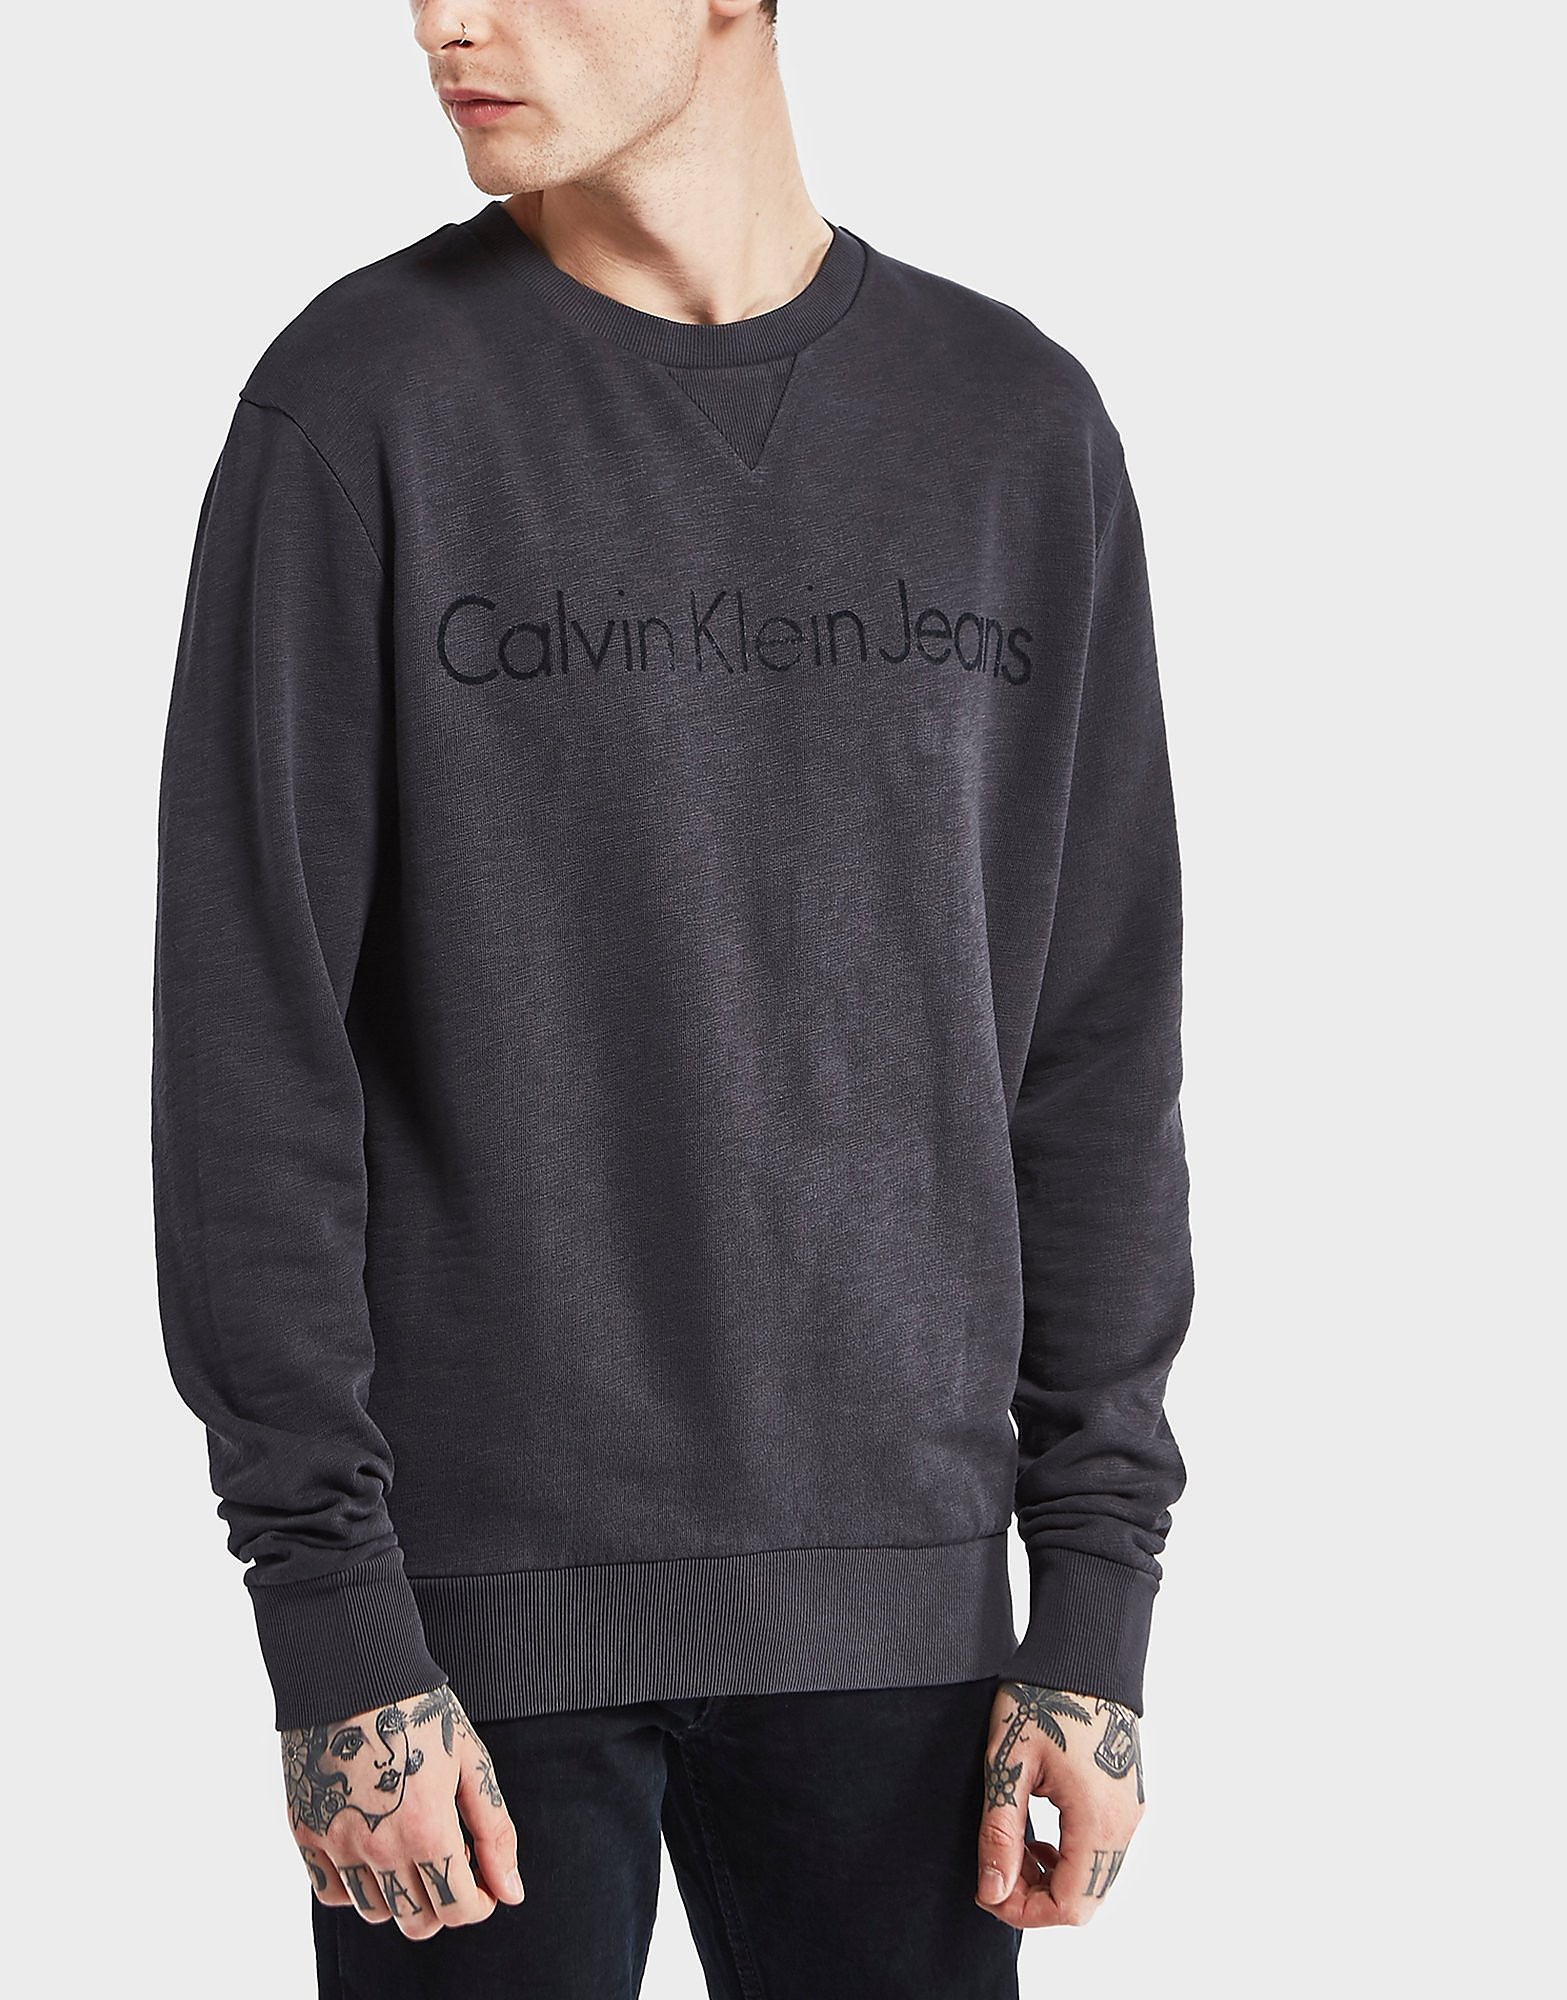 Calvin Klein Hator Logo Sweatshirt